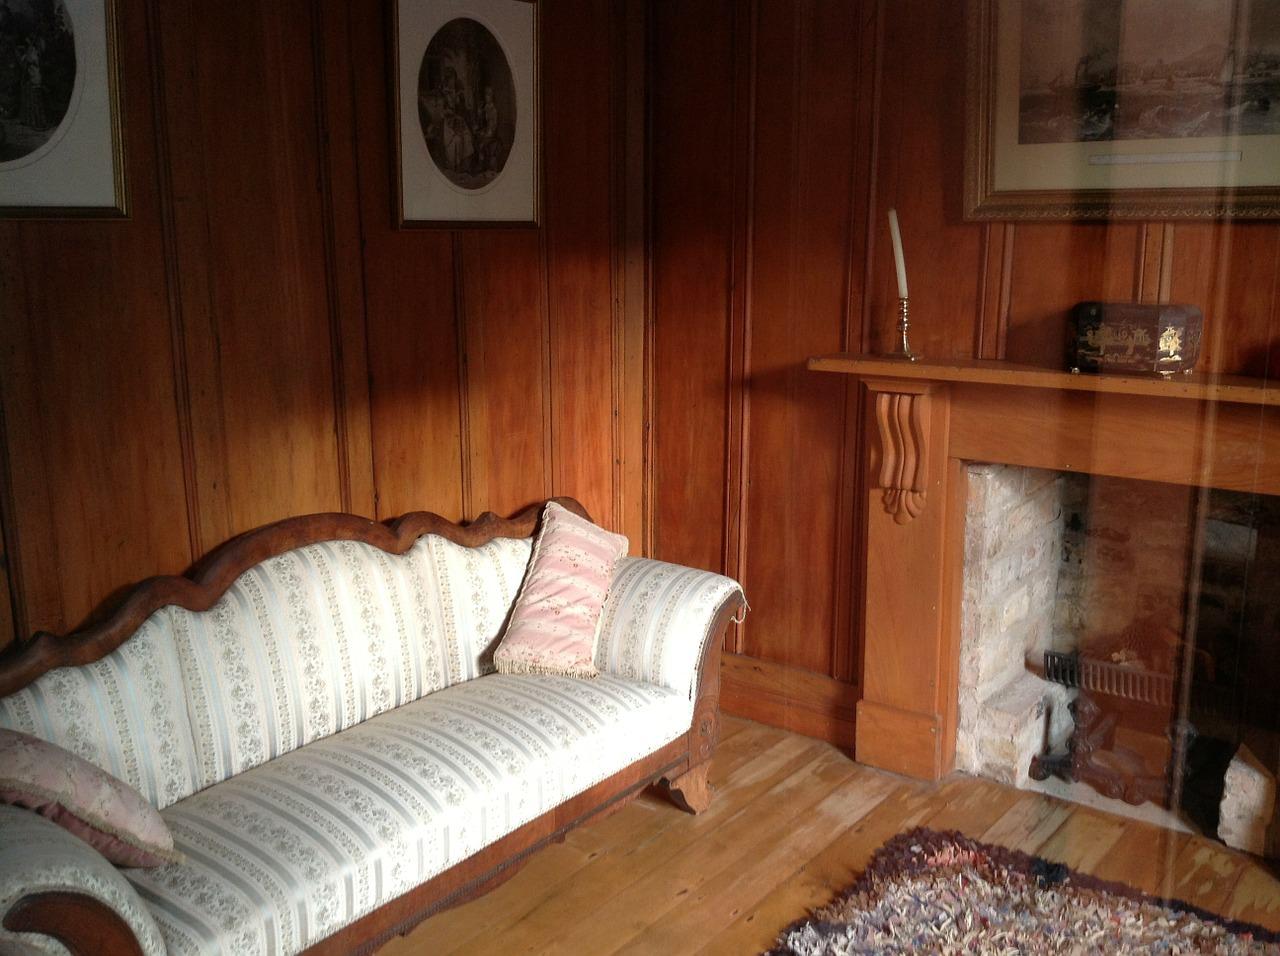 Full Size of Recamiere Barock Diplomatie Rot Chaiselongue Boudoir Sofa Test Preisvergleich Testsieger Bett Mit Wohnzimmer Recamiere Barock